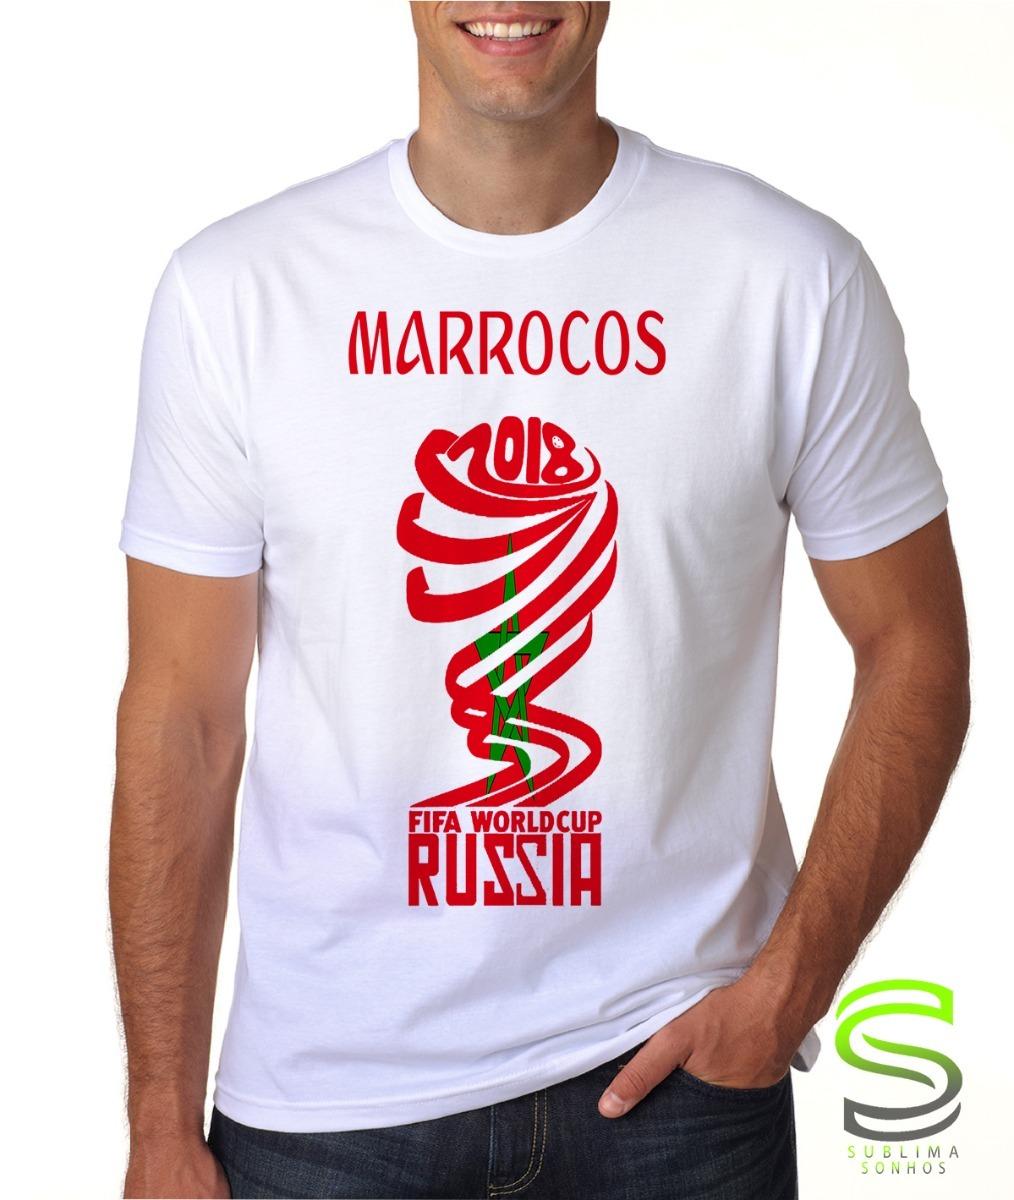 710dcf2b122f8 camiseta marrocos copa seleção 2018. Carregando zoom.